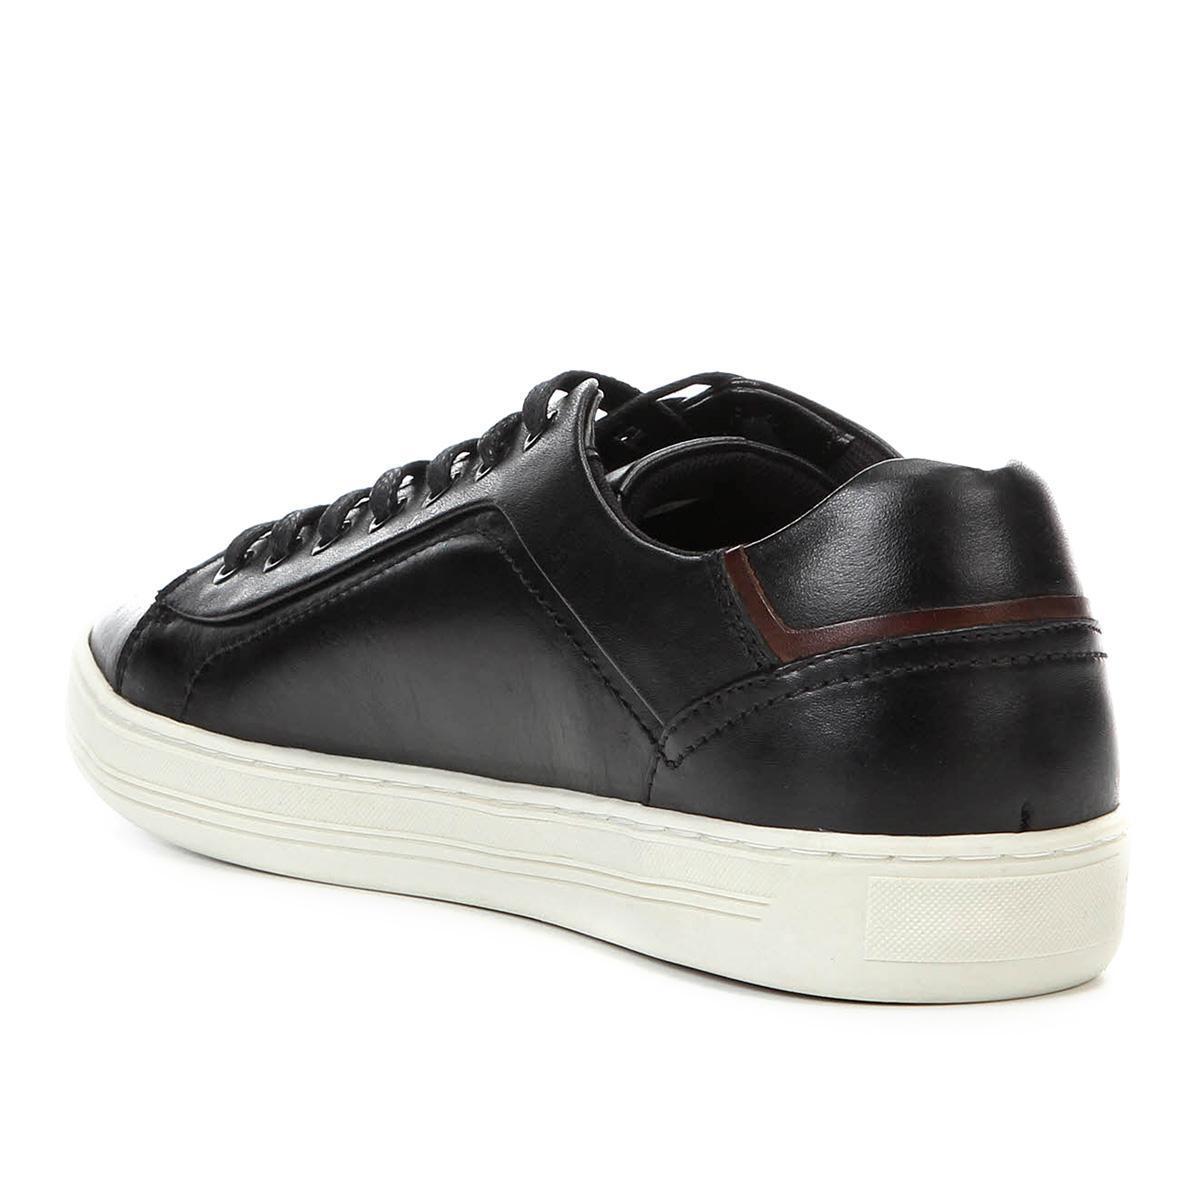 1df77ee646 Tênis Couro Shoestock Recorte Masculino R$ 199,90 à vista. Adicionar à  sacola